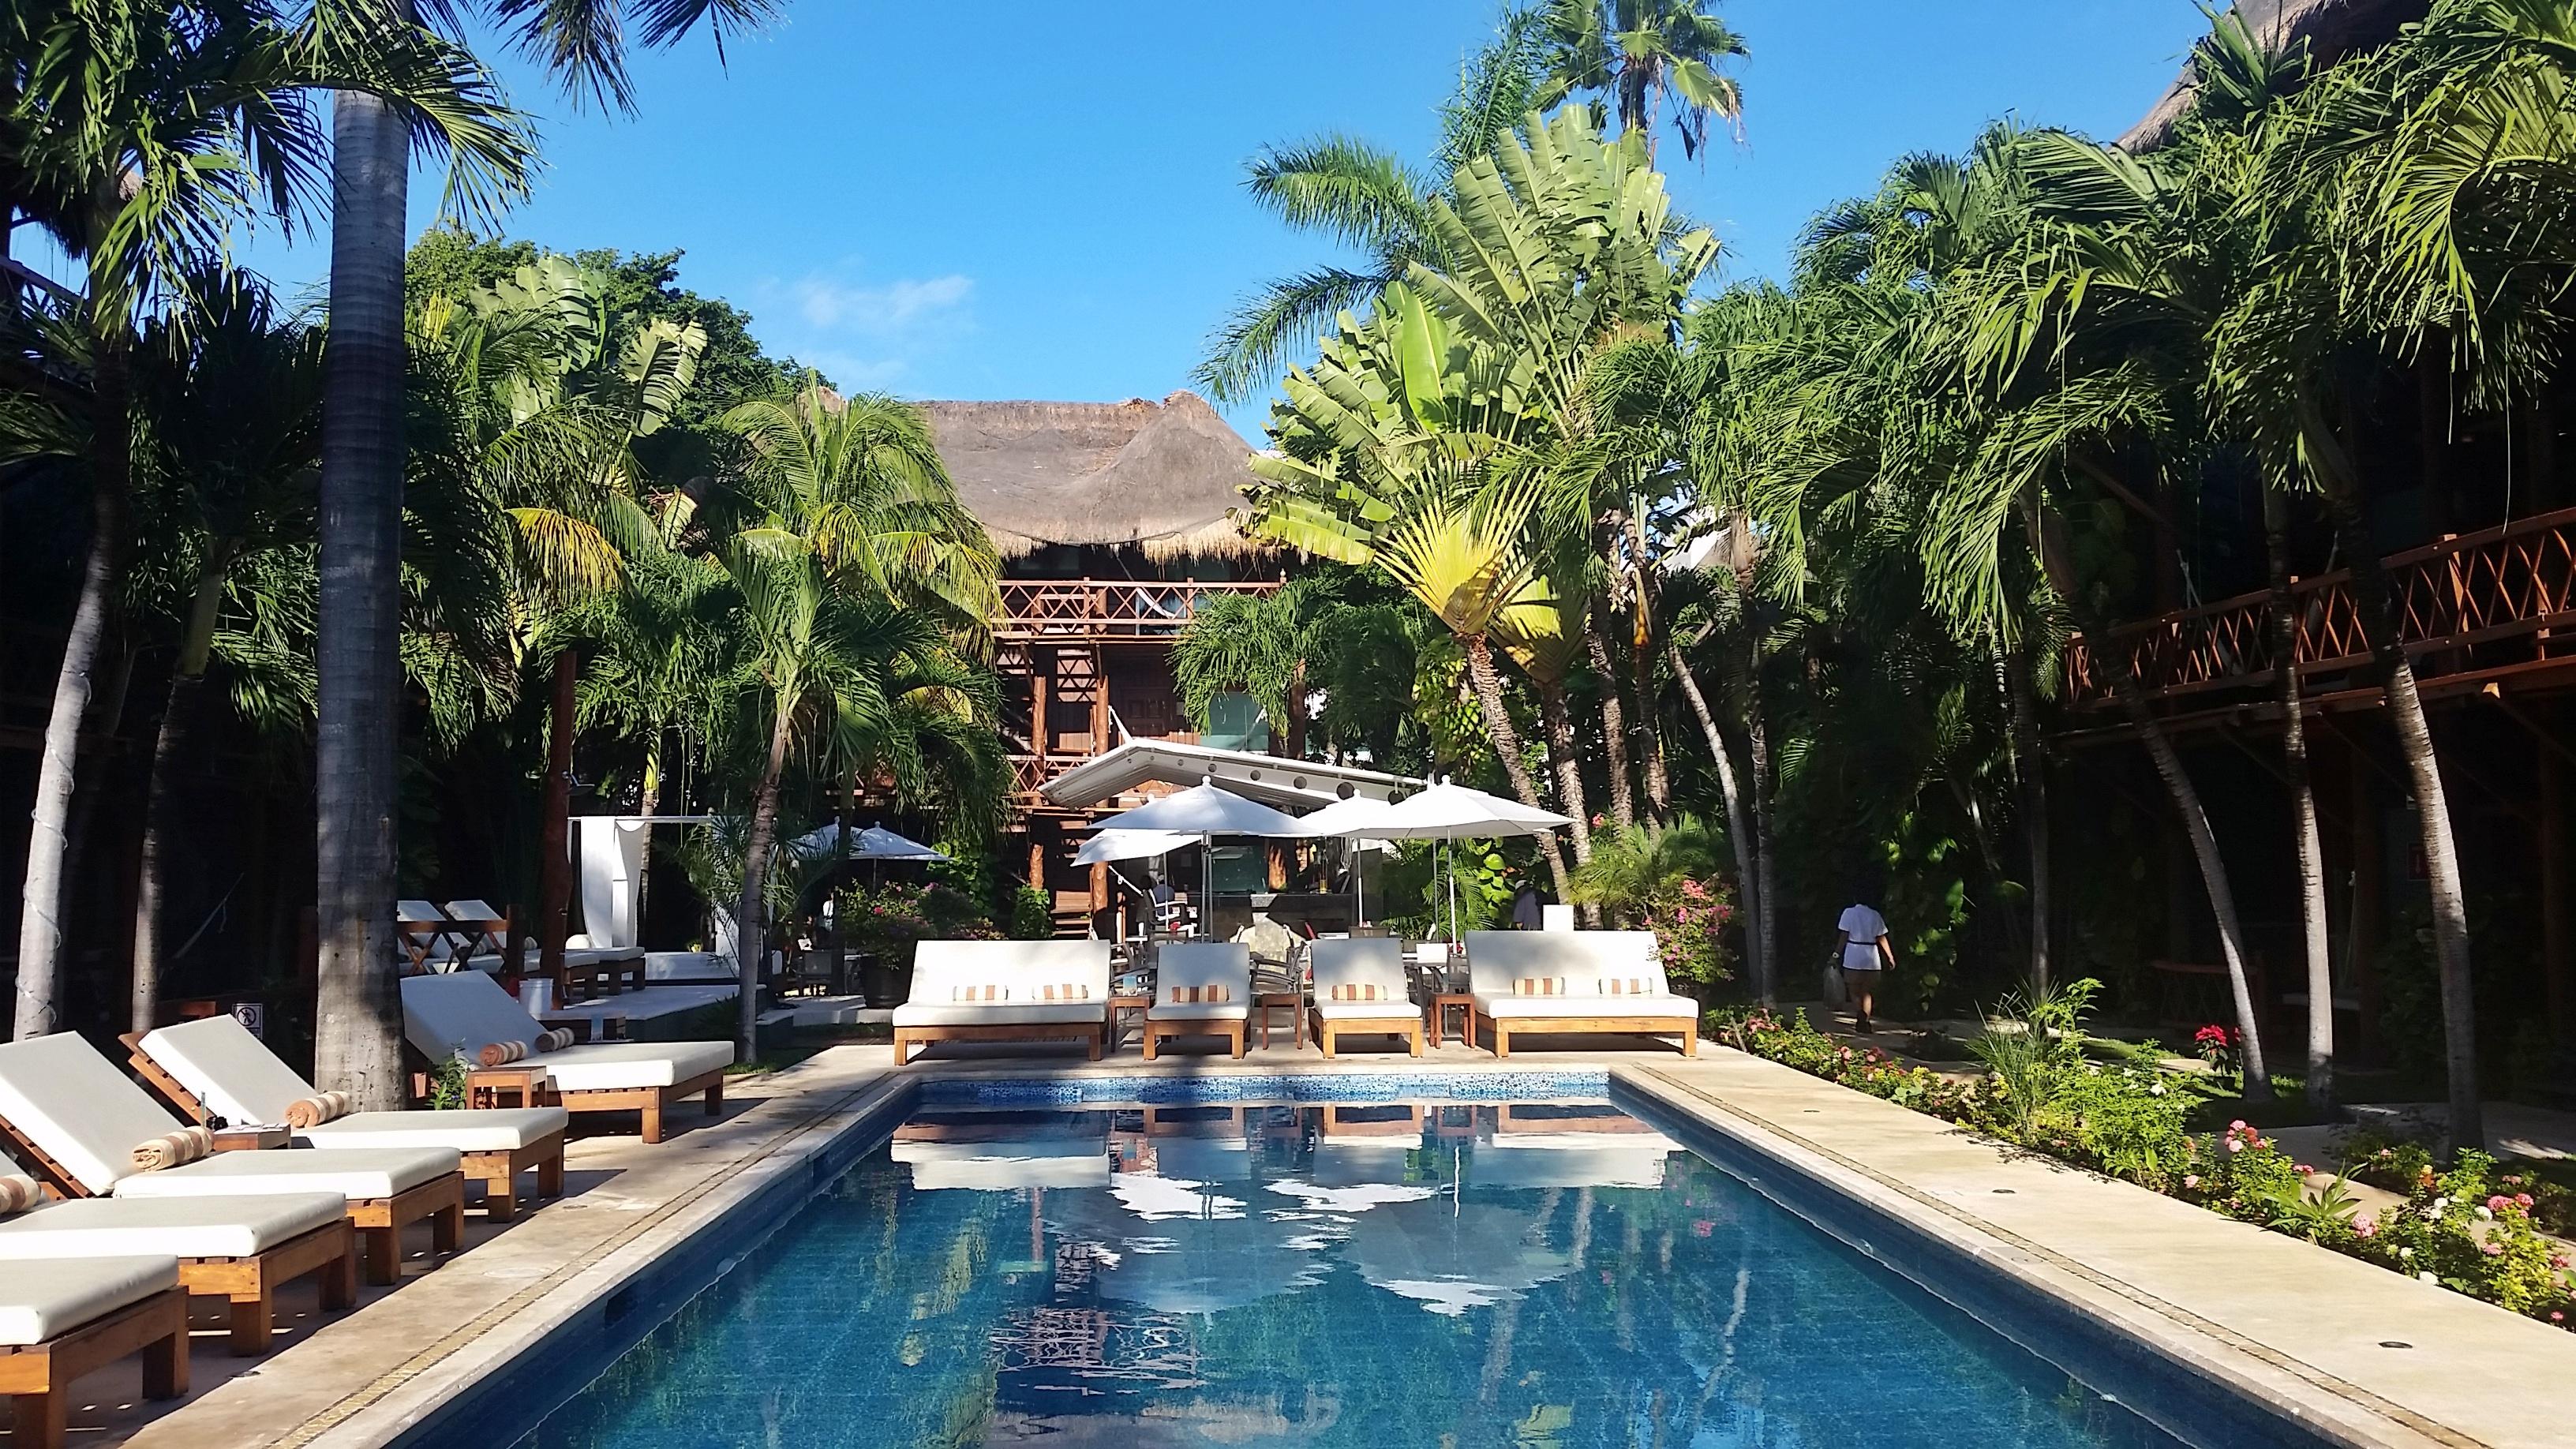 <pre></noscript>Los mejores hoteles boutique que en realidad mejorarán sus recuerdos de vacaciones